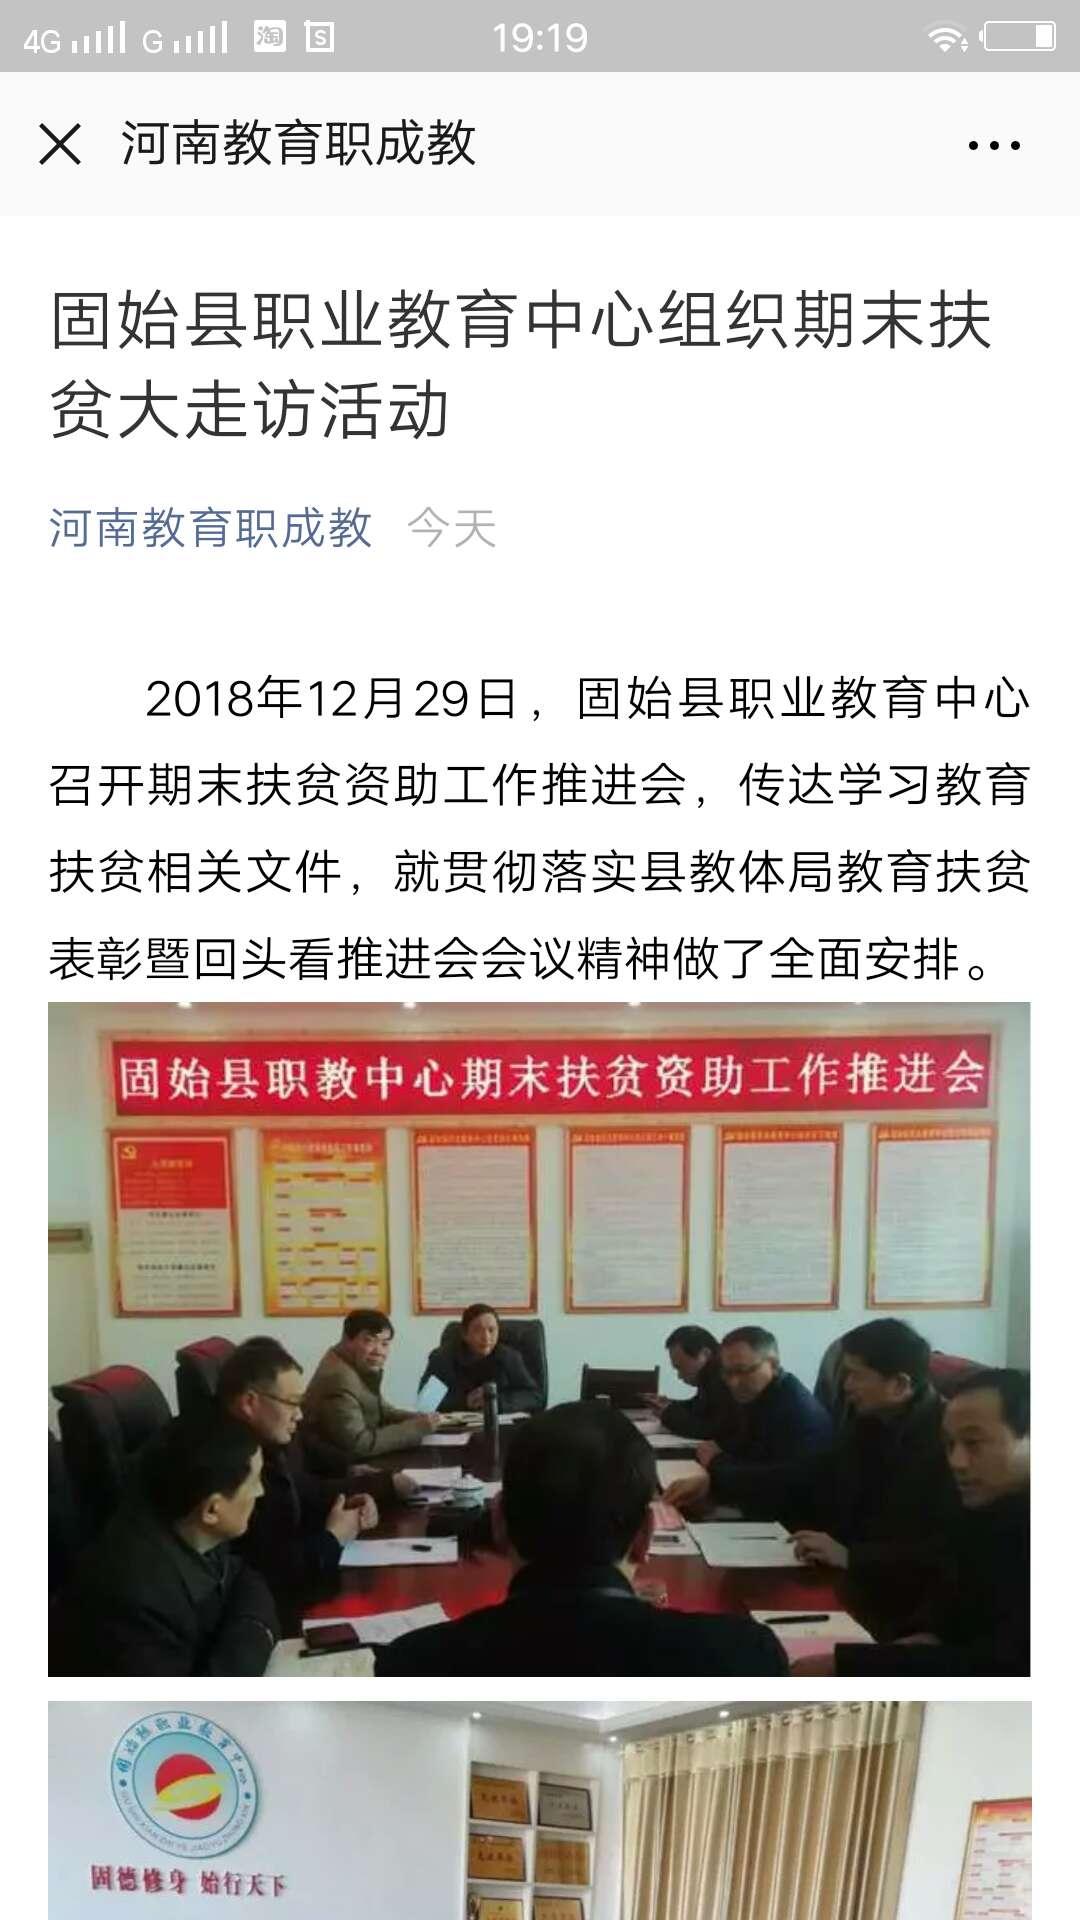 固始县职业教育中心组织期末扶贫大走访活动